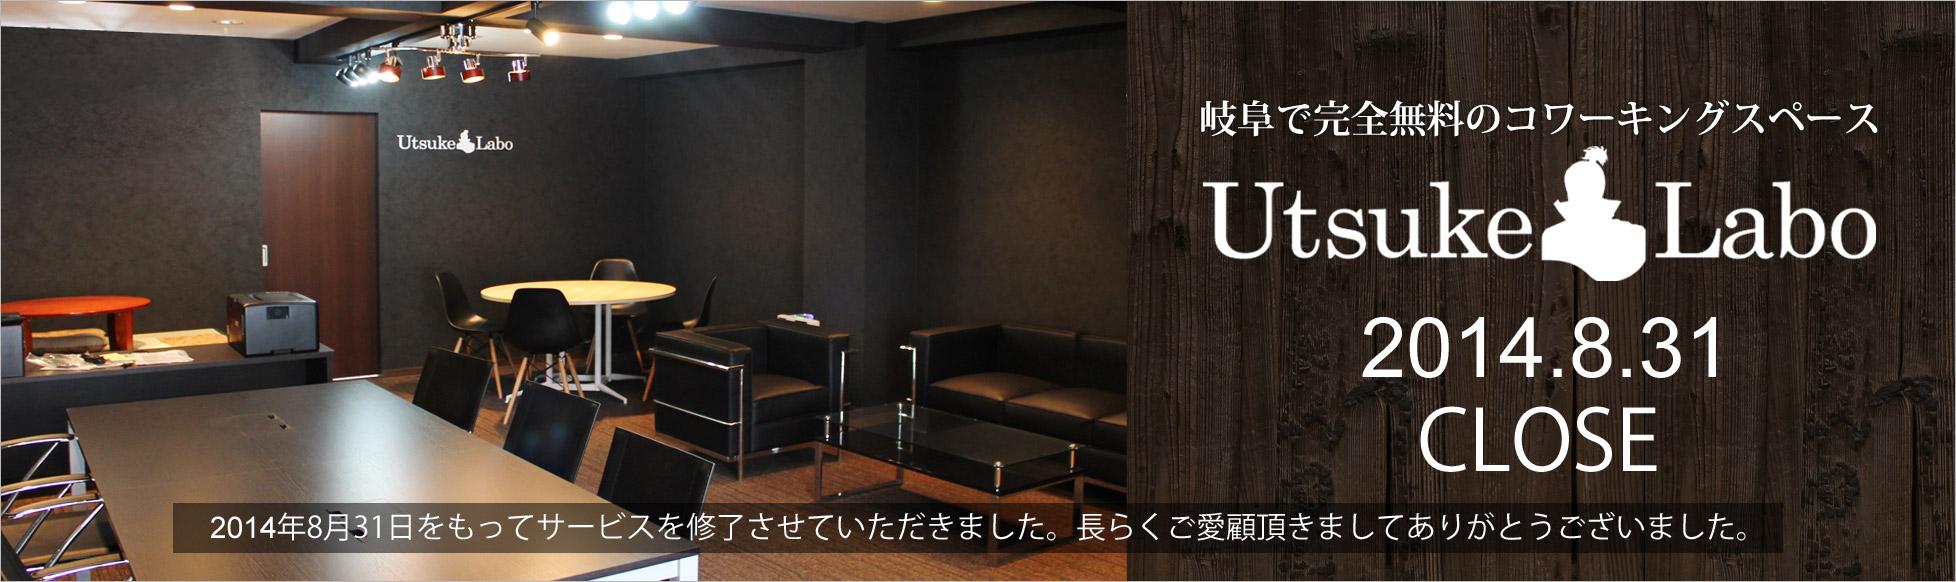 岐阜のホームページ作成会社 サイバーインテリジェンス